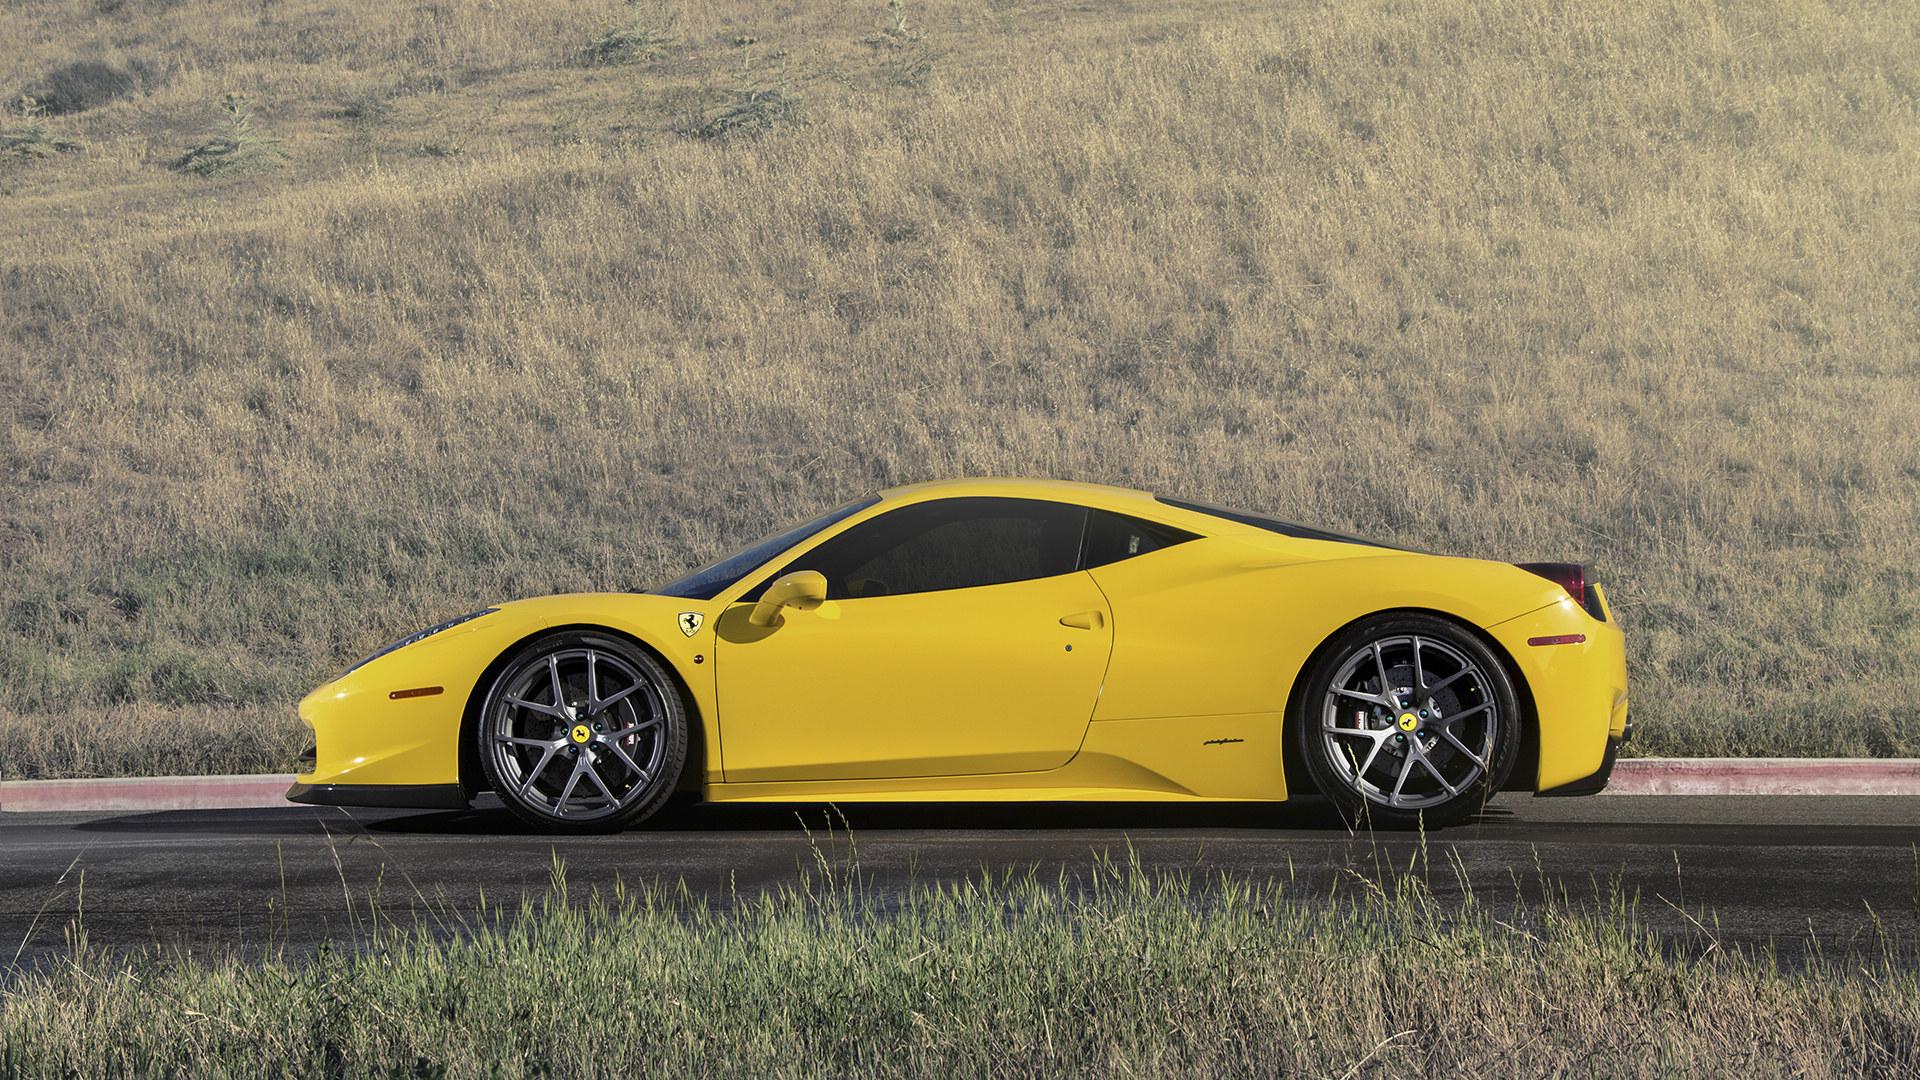 黄色法拉利458超级跑车壁纸高清图片